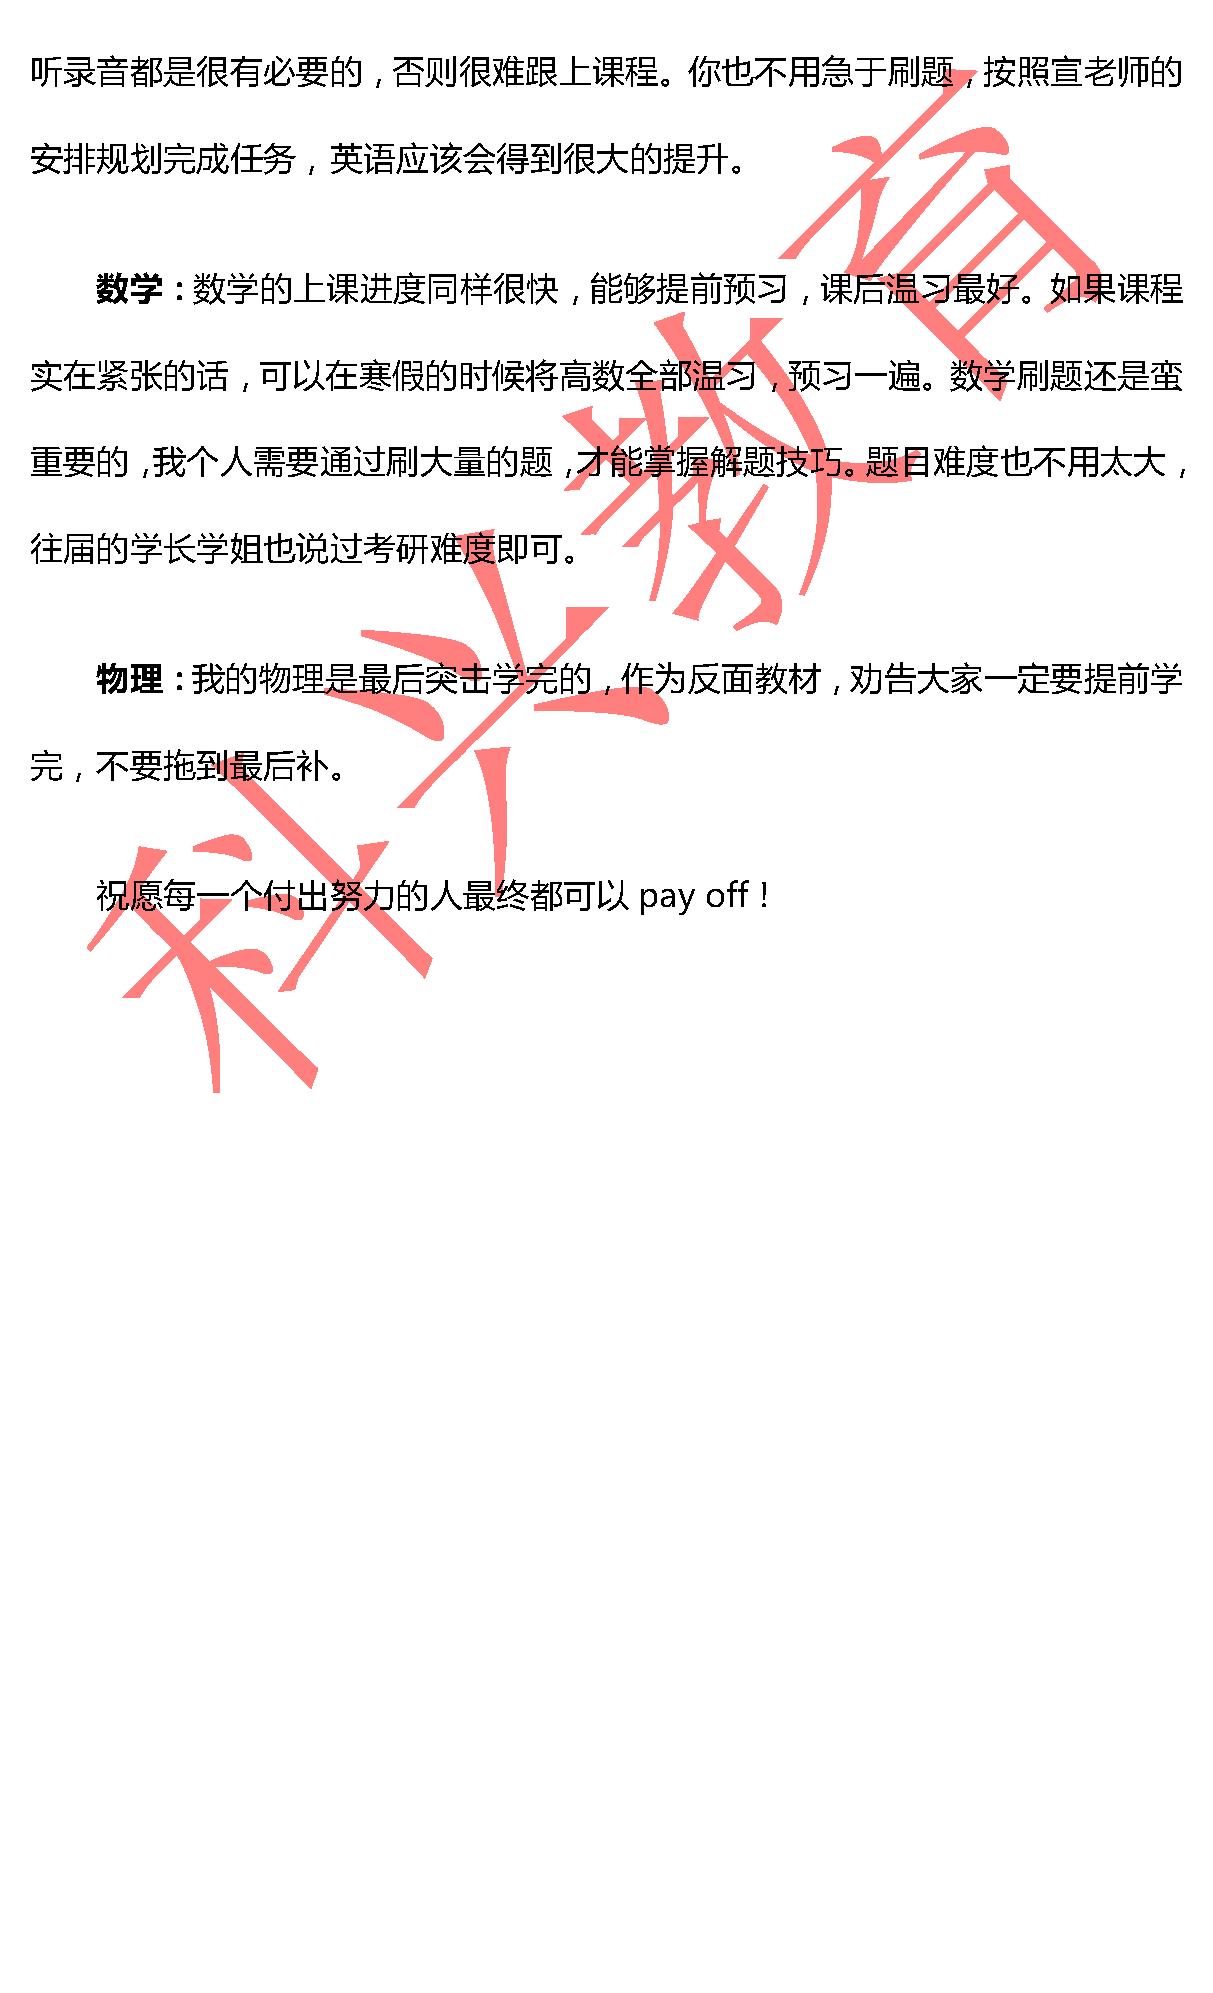 华东理工左栋:勤能补拙是良训,一分辛劳一分才(17届)